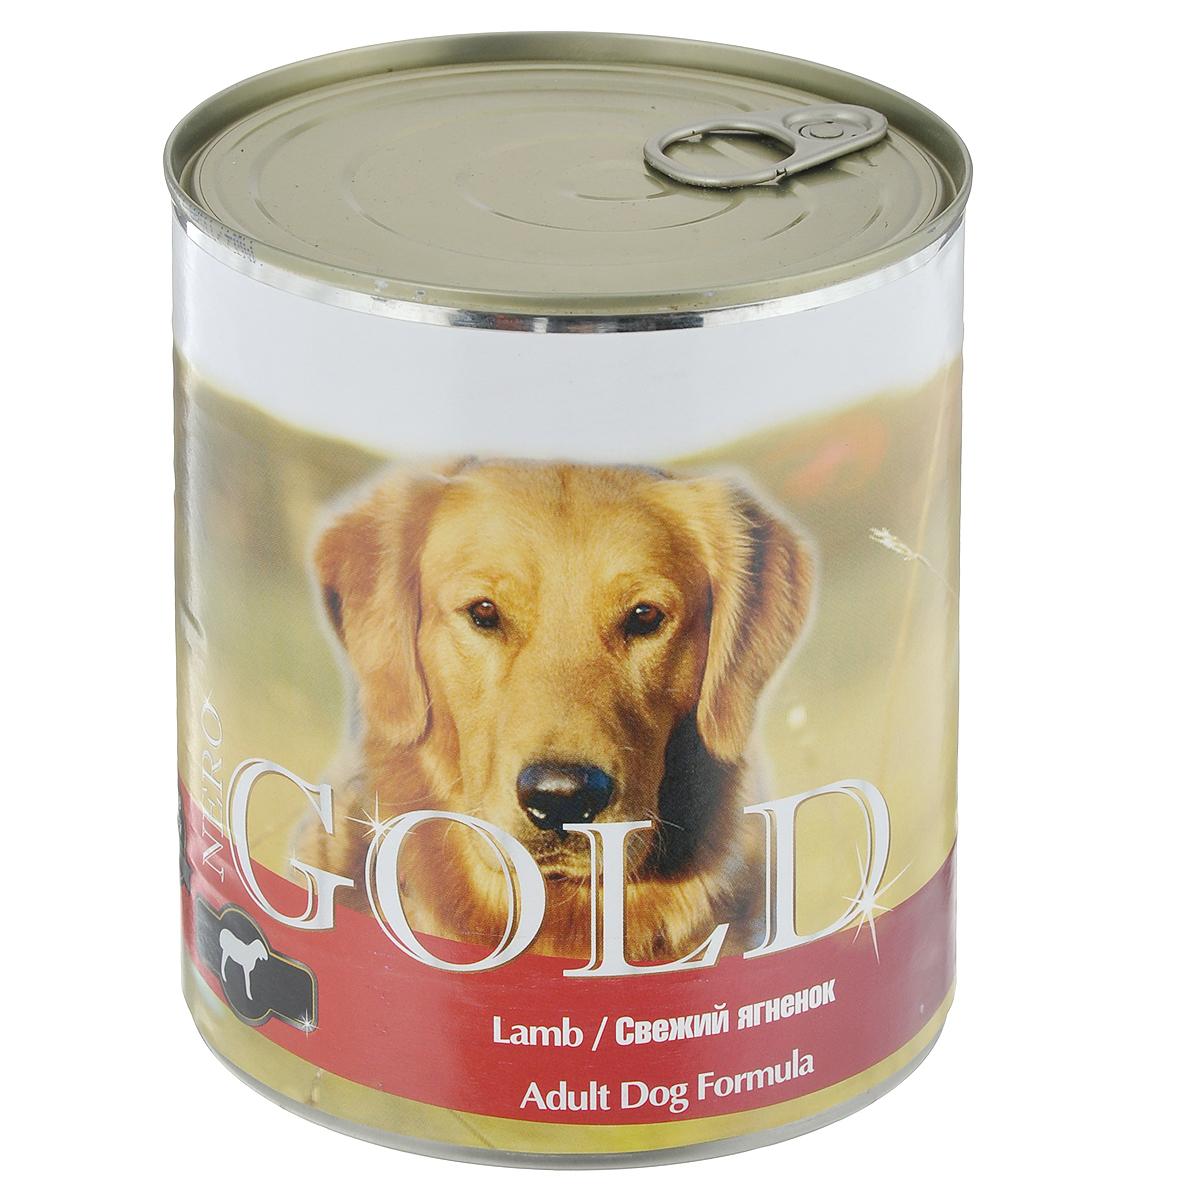 Консервы для собак Nero Gold, свежий ягненок, 810 г0120710Консервы для собак Nero Gold - полнорационный продукт, содержащий все необходимые витамины и минералы, сбалансированный для поддержания оптимального здоровья вашего питомца! Состав: мясо и его производные, филе курицы, филе ягненка, злаки, витамины и минералы. Гарантированный анализ: белки 6,5%, жиры 4,5%, клетчатка 0,5%, зола 2%, влага 81%. Пищевые добавки на 1 кг продукта: витамин А 1600 МЕ, витамин D 140 МЕ, витамин Е 10 МЕ, железо 24 мг, марганец 6 мг, цинк 15 мг, медь 1 мг, магний 200 мг, йод 0,3 мг, селен 0,2 мг.Вес: 810 г. Товар сертифицирован.